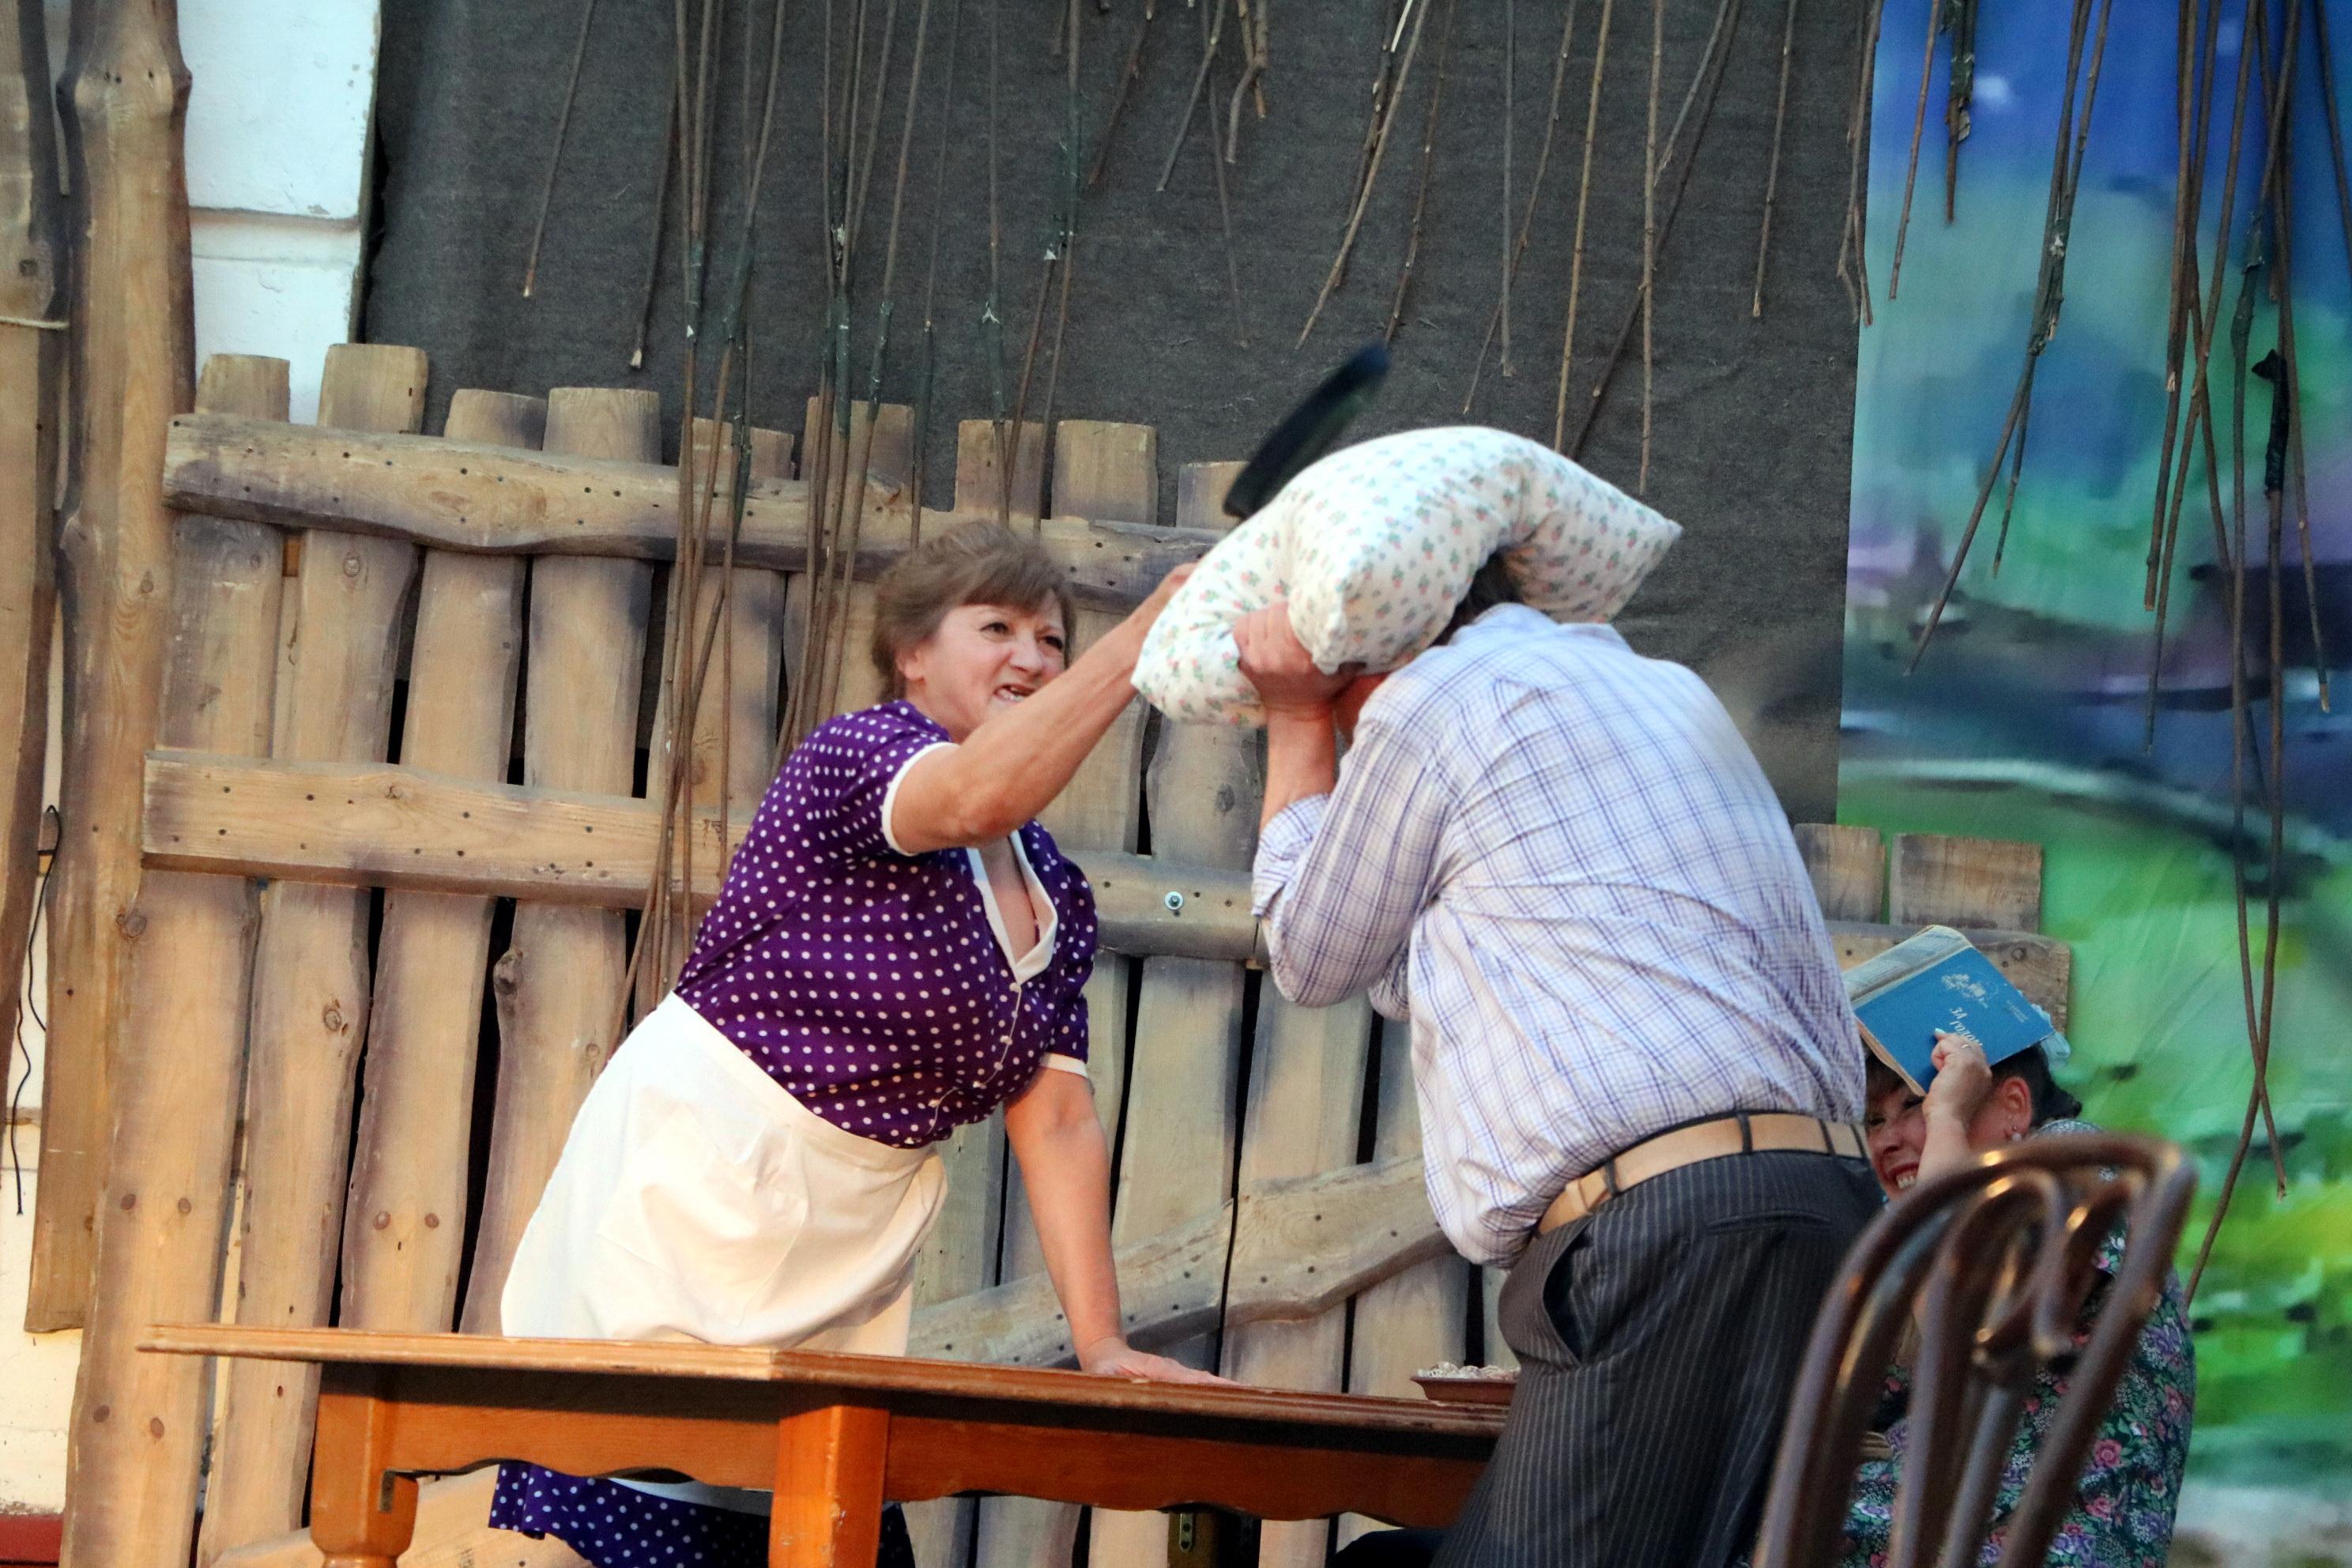 Тамбовские актёры на открытом воздухе сыграли спектакль впервые за полгода